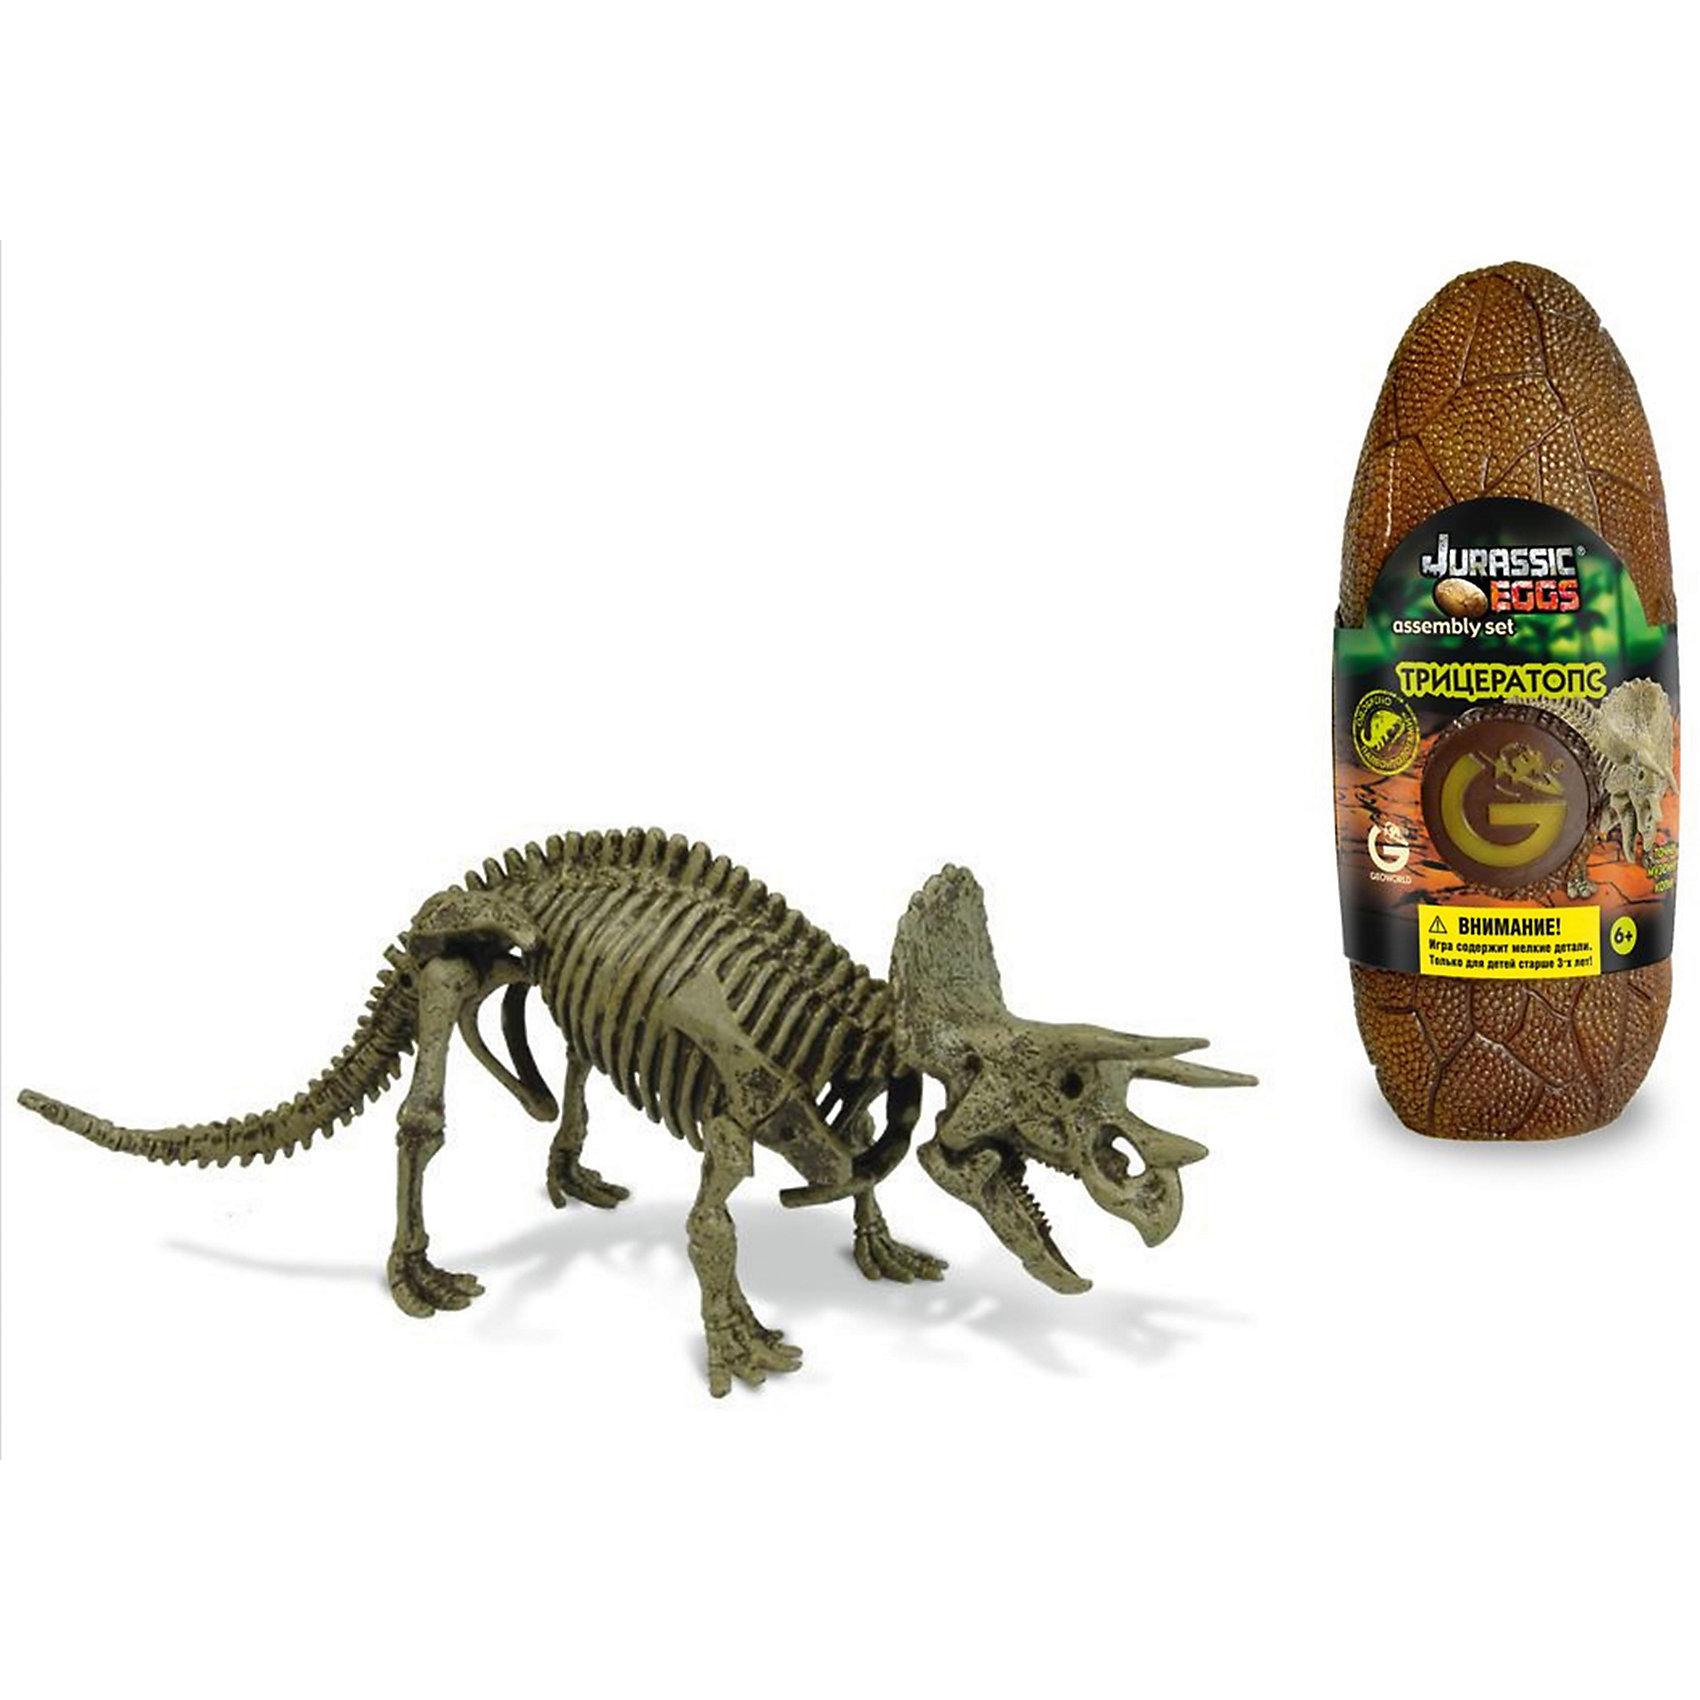 Яйцо динозавра - сборная модель Трицератопса, GeoworldДеревянные конструкторы<br>Трицератопс обладает характерной, легко узнаваемой внешностью. Его голова украшена большими пластинами и тремя рогами. Несмотря на то, что динозавр относится к растительноядным, он все же был очень опасным существом, и хорошо защищался от хищников. Из этого набора ребенок сможет своими руками собрать настоящий мини-экспонат музейного качества — скелет трицератопса. Сборка осуществляется из качественных предварительно окрашенных деталей. Они упакованы в стилизованное яйцо. Сборка палеонтологической модели подогреет интересы юного ученого, позволит тренировать моторику, пространственное мышление и внимательность. Длина собранной модели: 21 см.  детали, яйцо, брошюра.<br><br>Ширина мм: 80<br>Глубина мм: 70<br>Высота мм: 200<br>Вес г: 190<br>Возраст от месяцев: 36<br>Возраст до месяцев: 96<br>Пол: Унисекс<br>Возраст: Детский<br>SKU: 5418978